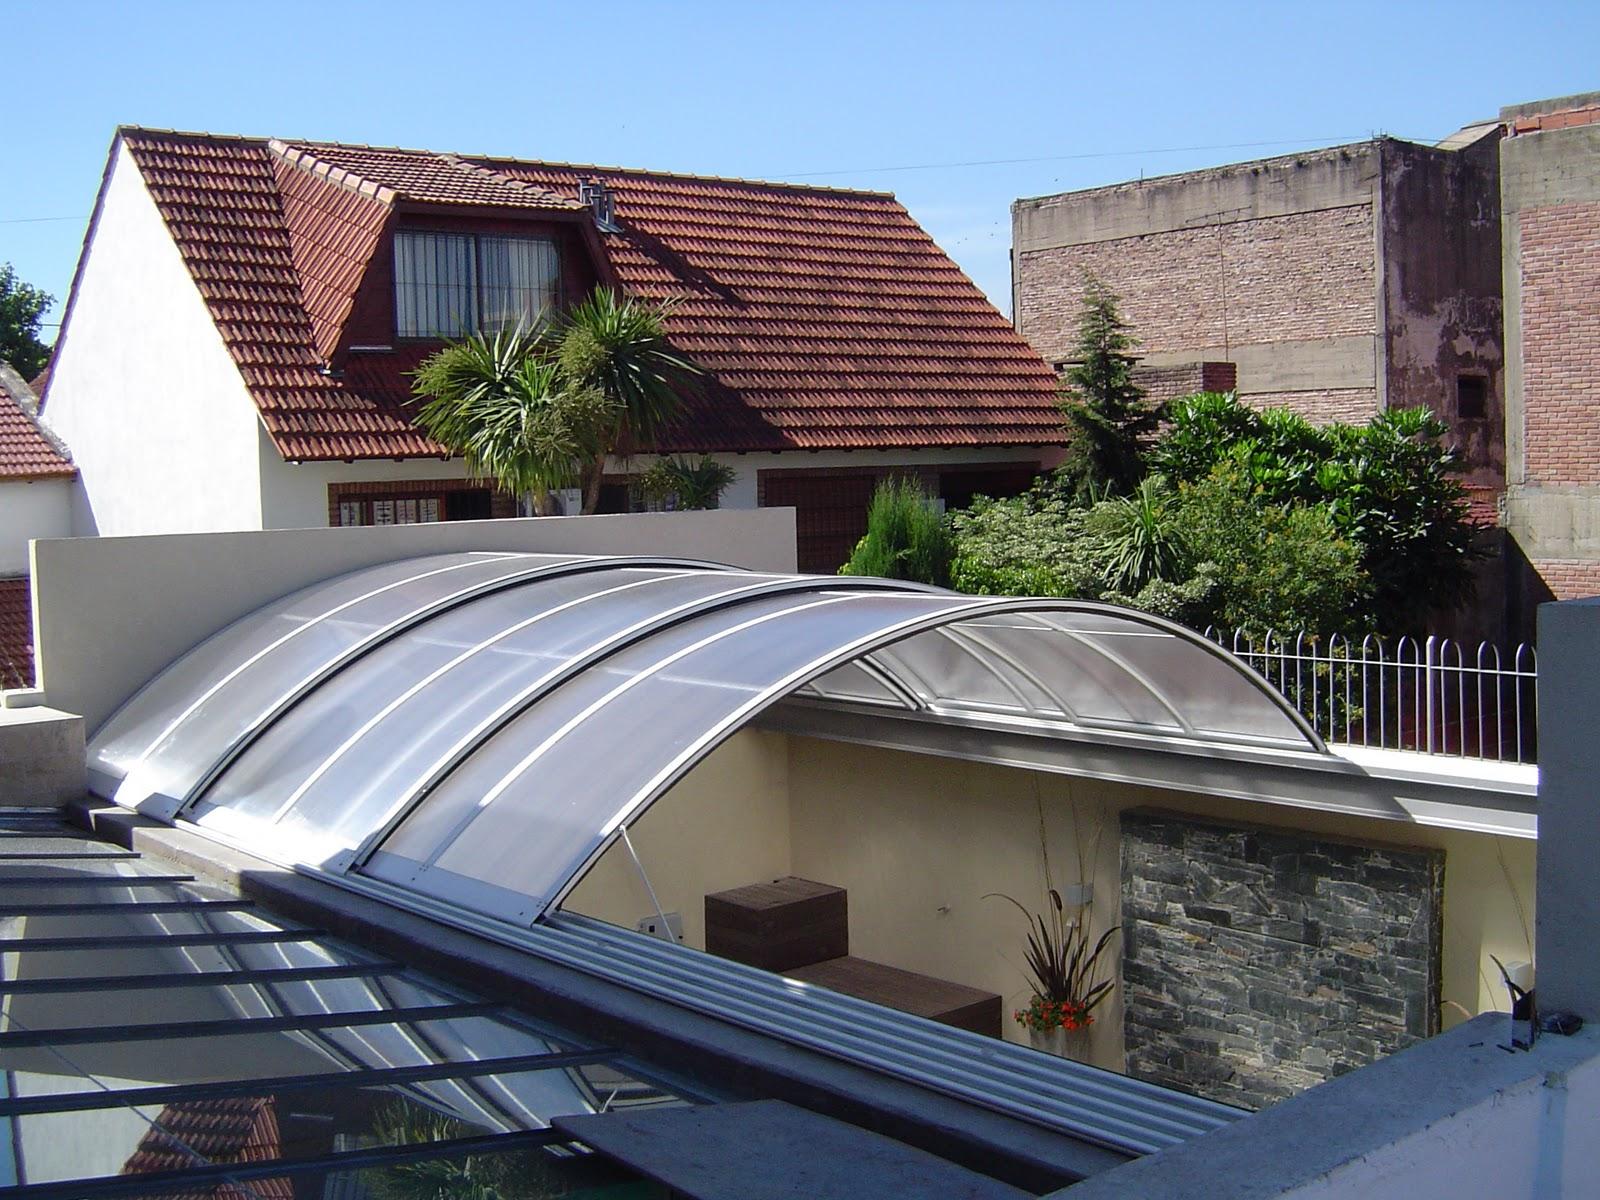 techos telescopicos coberturas para techos telescopicas On coberturas para techos